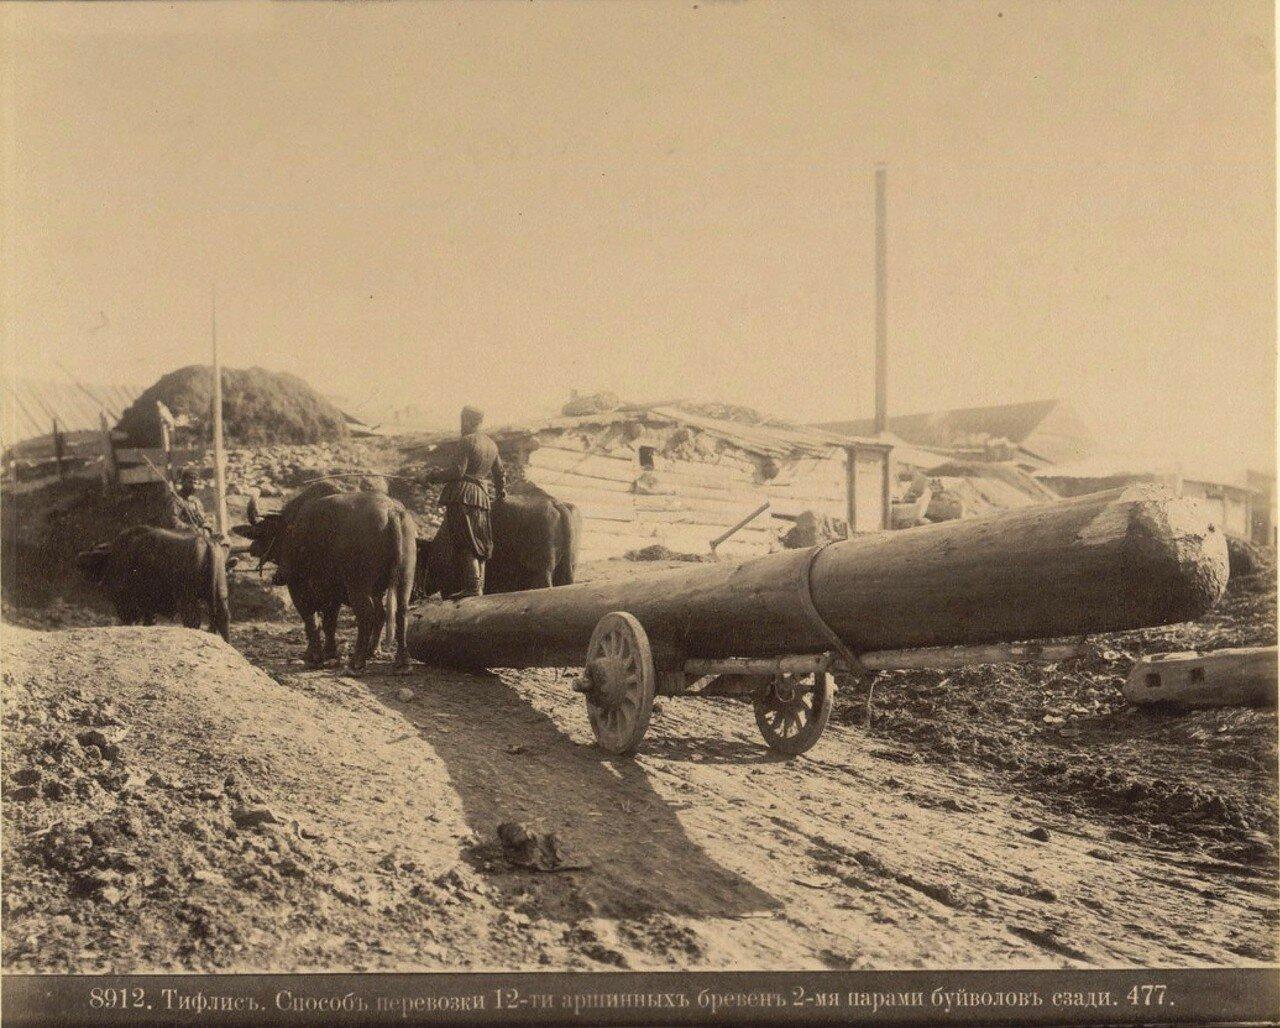 Тифлис. Способ перевозки 12-ти аршинных бревен 2-мя парами буйволов сзади. 1890